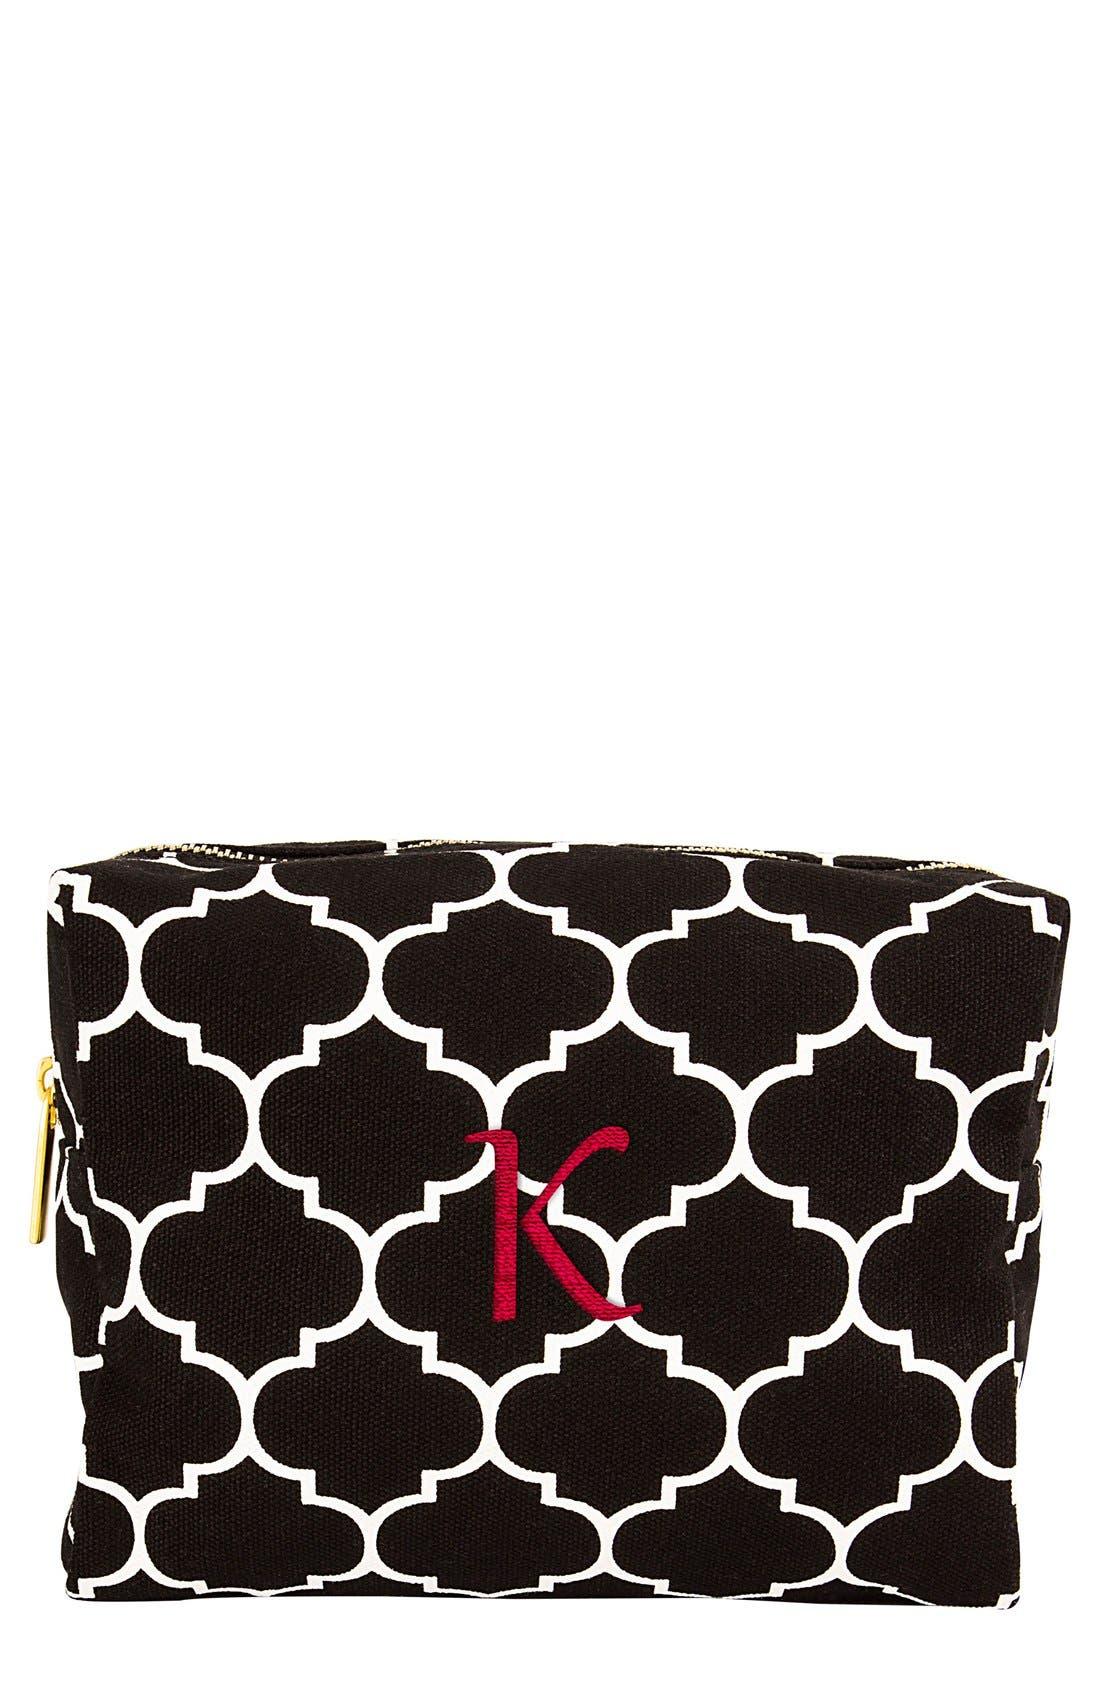 Monogram Cosmetics Bag,                         Main,                         color, Black-K